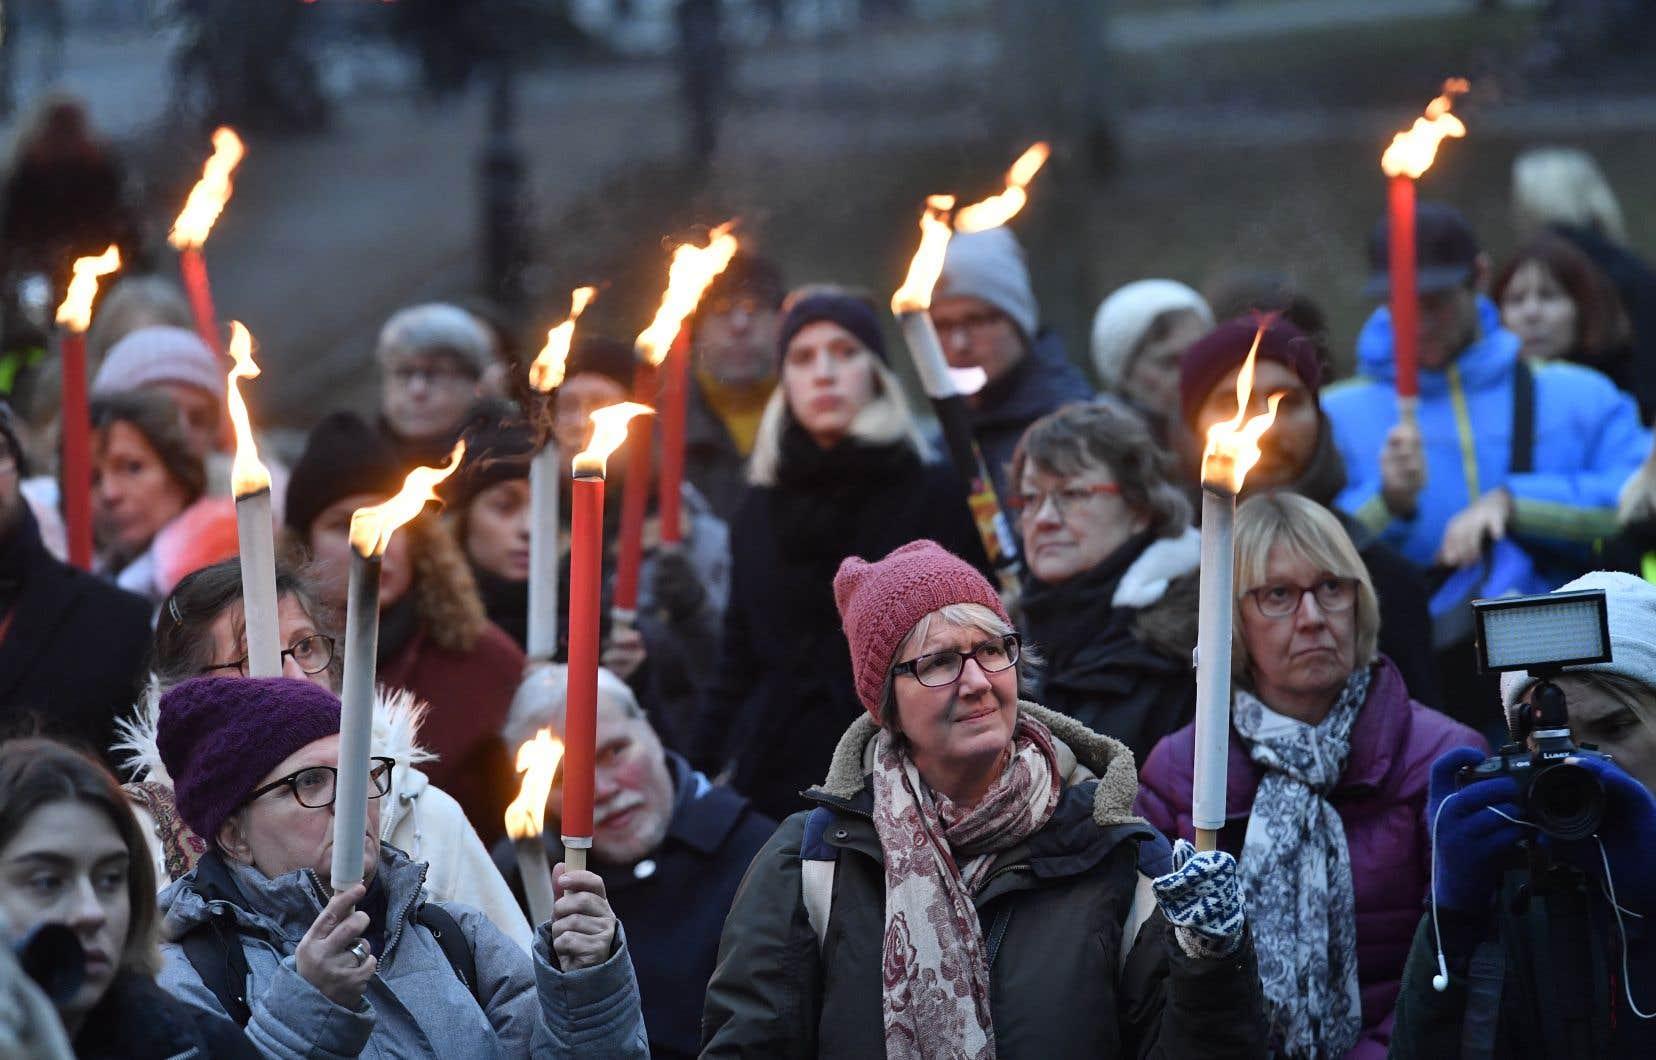 La loi, aussi appelée «<i>samtyckeslagen</i>» («la loi du consentement»), est entrée en vigueur en juillet 2018, dans la foulé du mouvement #metoo qui a gagné le monde, dont la Suède.